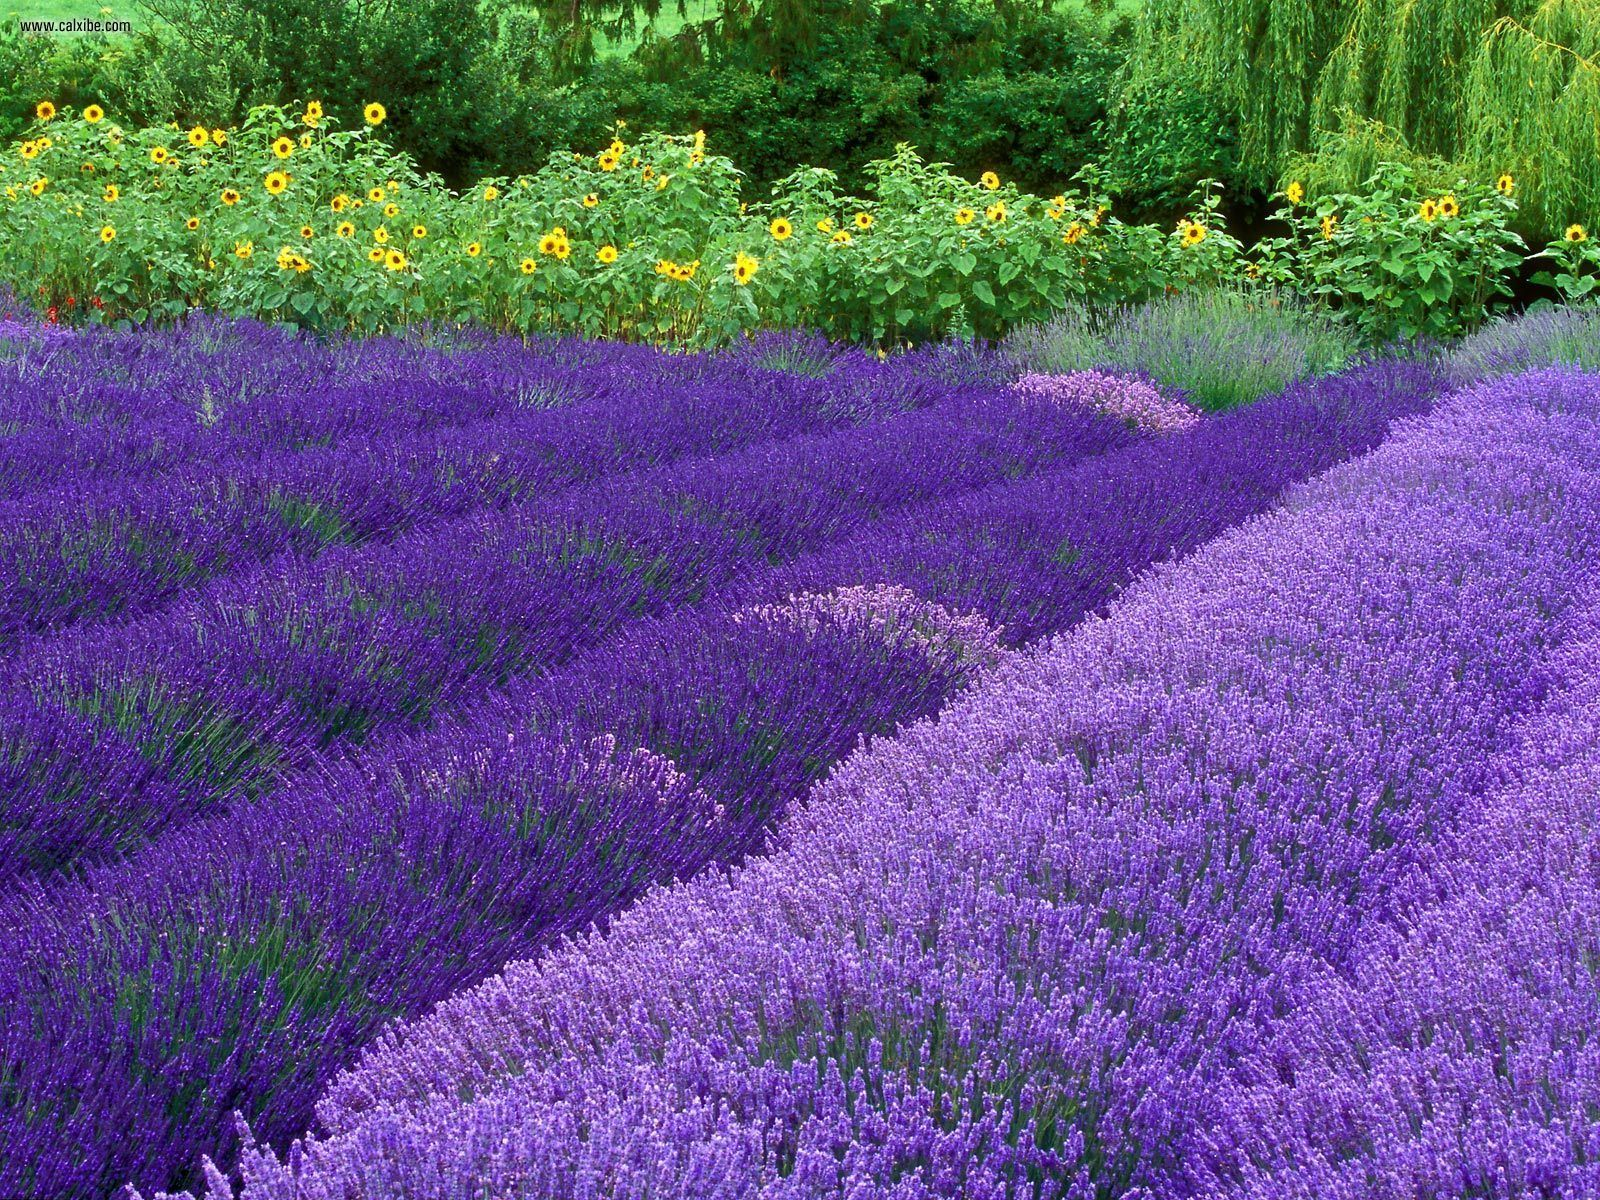 purple lavender colors photo 34532012 fanpop